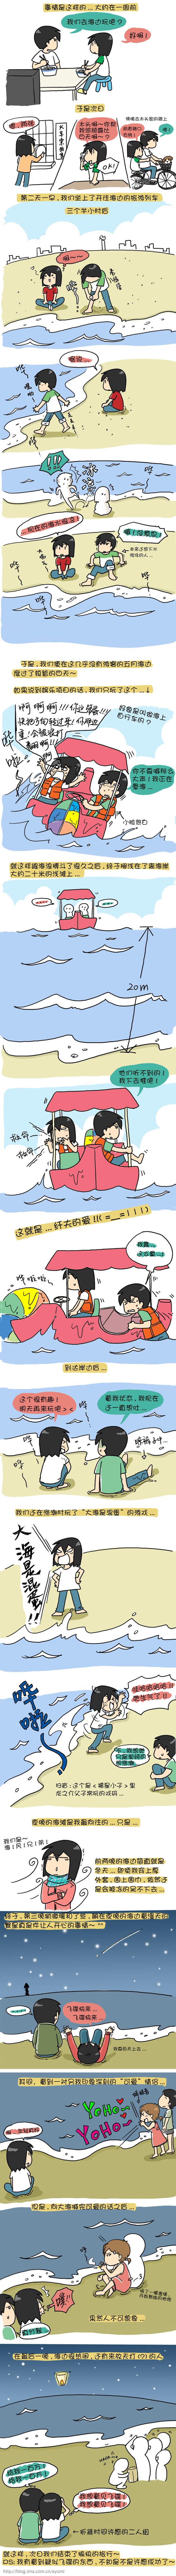 小小的旅行~ - 小步 - 小步漫画日记